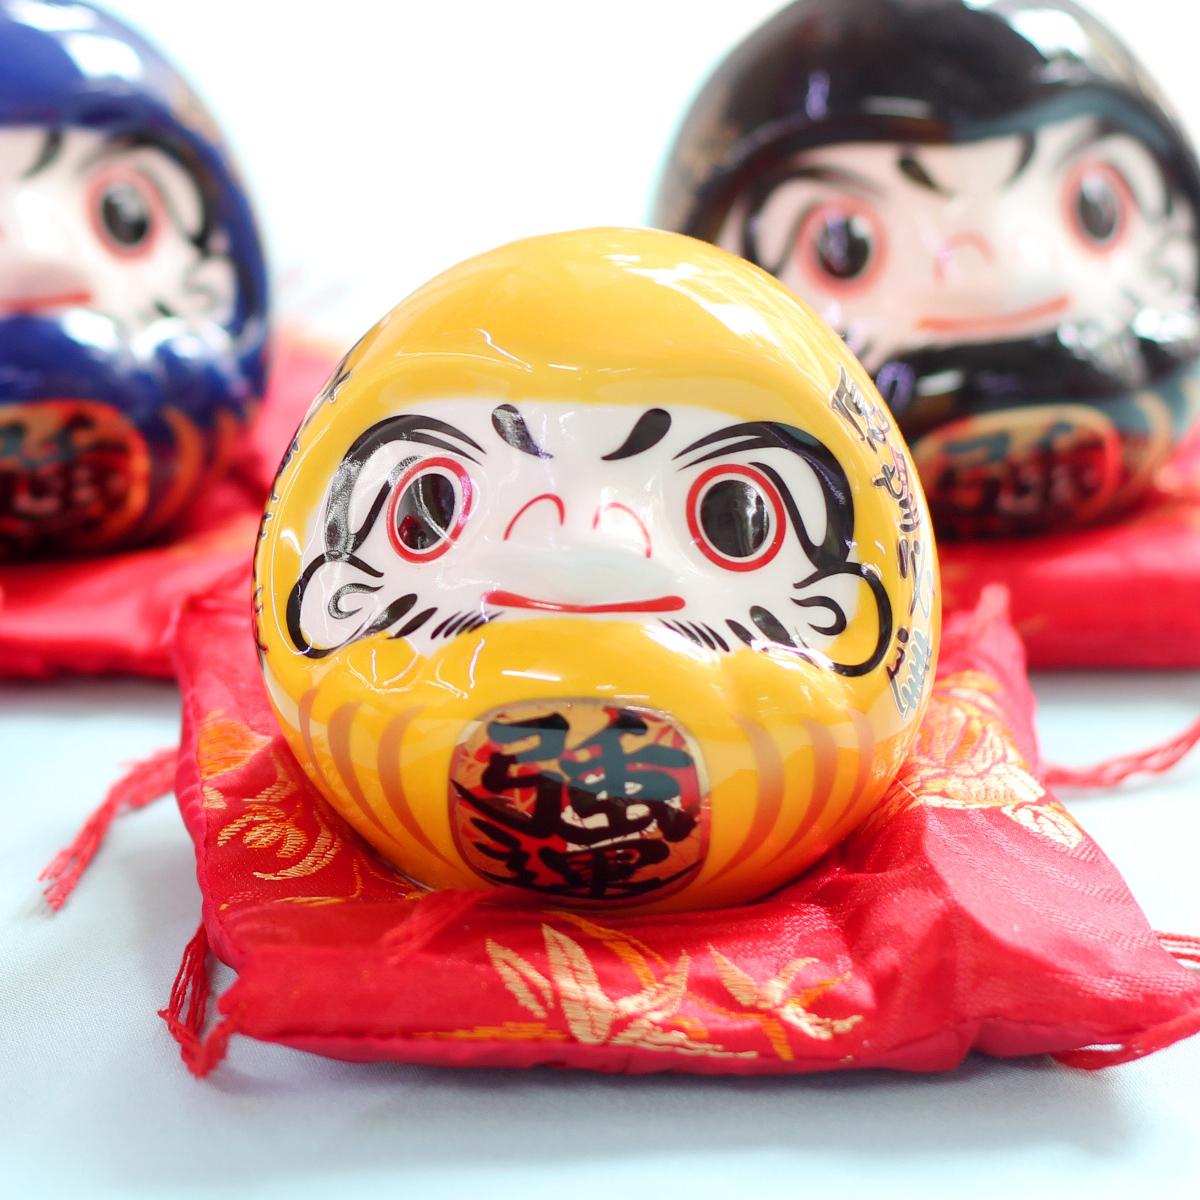 Daruma sứ đựng tiền 7cm giá lẻ 1 sản phẩm - Vàng